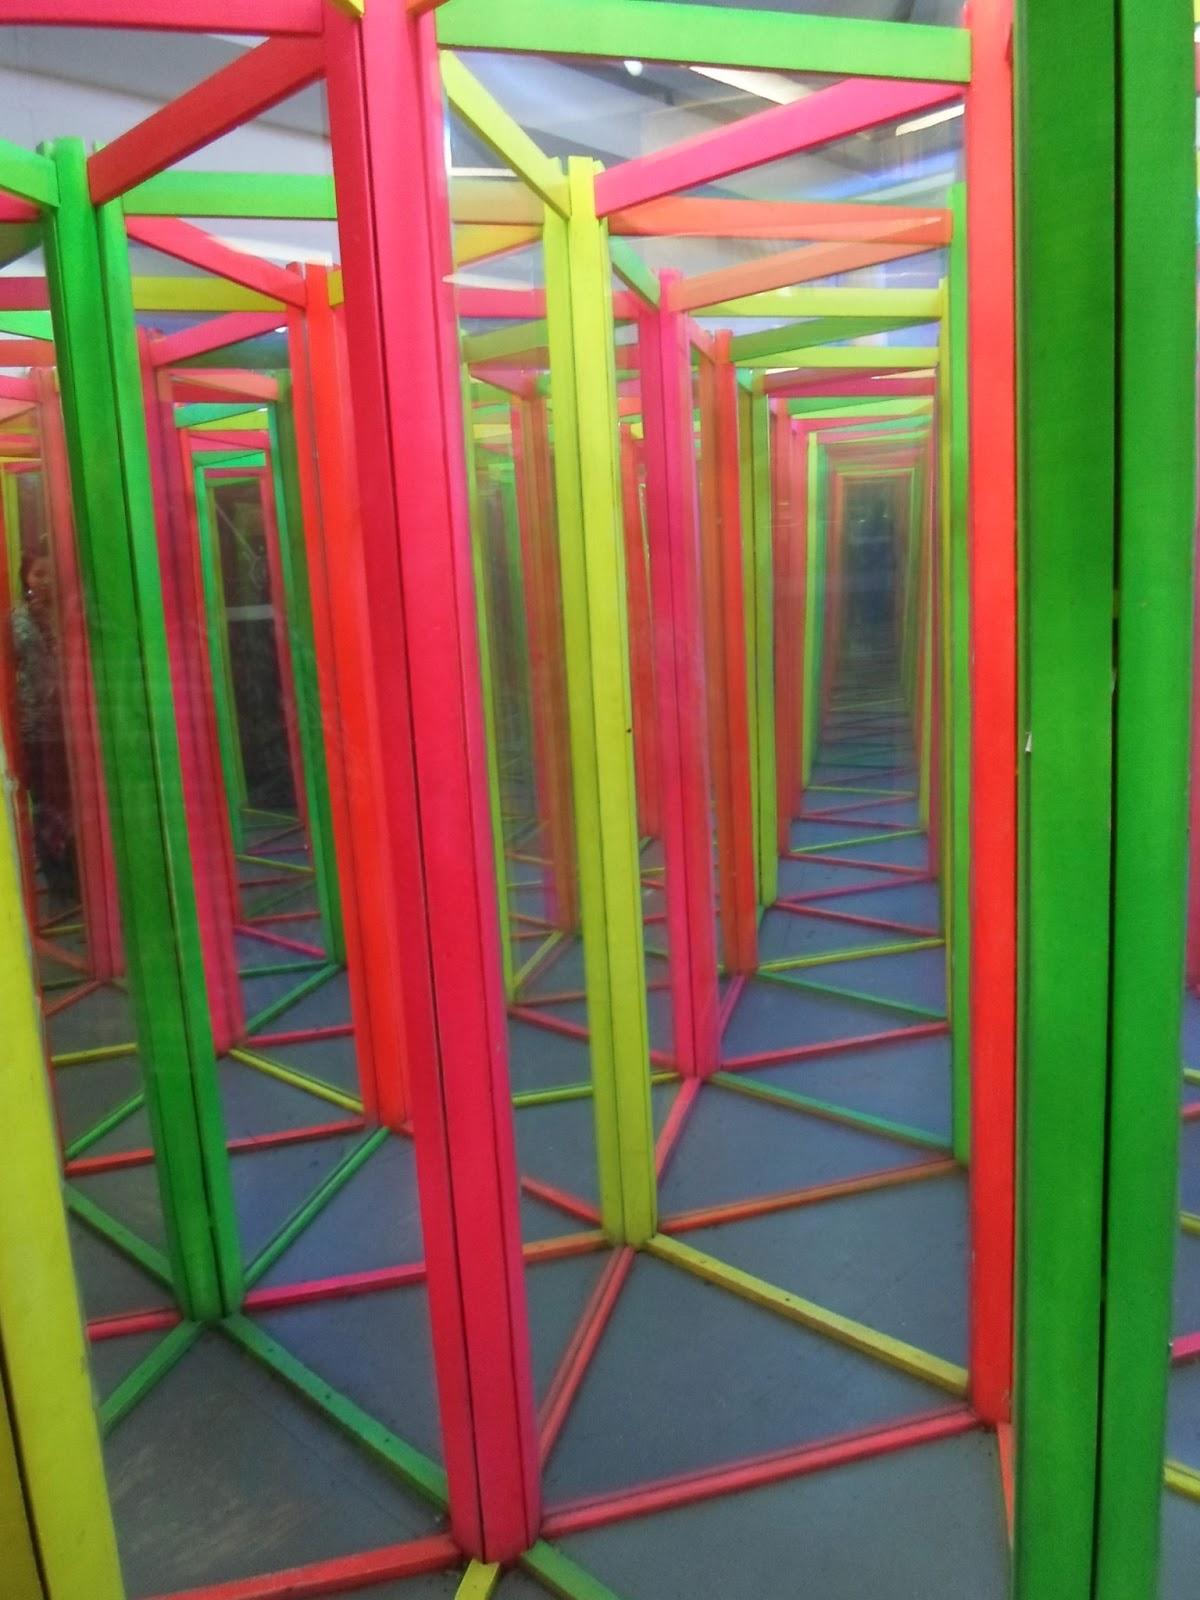 Only mx chapultepec - La casa de los espejos ...